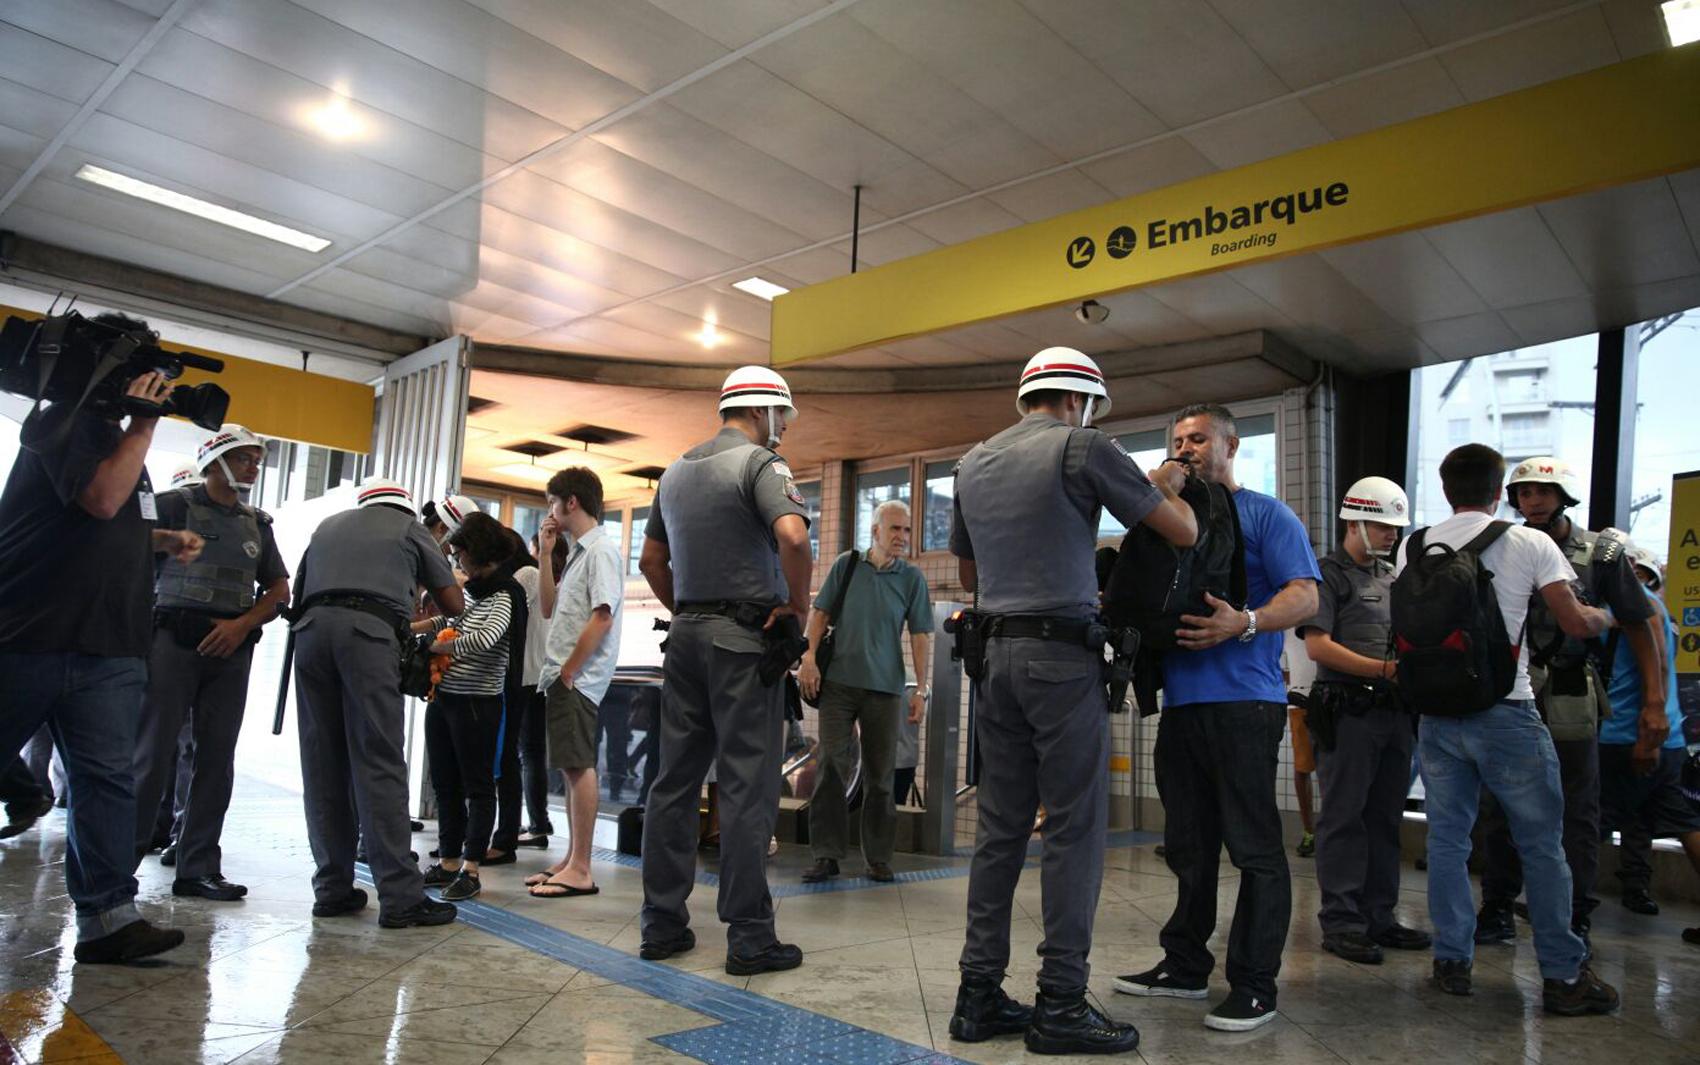 Homens têm de abrir a mochila e mostrar conteúdo na estação Faria Lima do Metrô